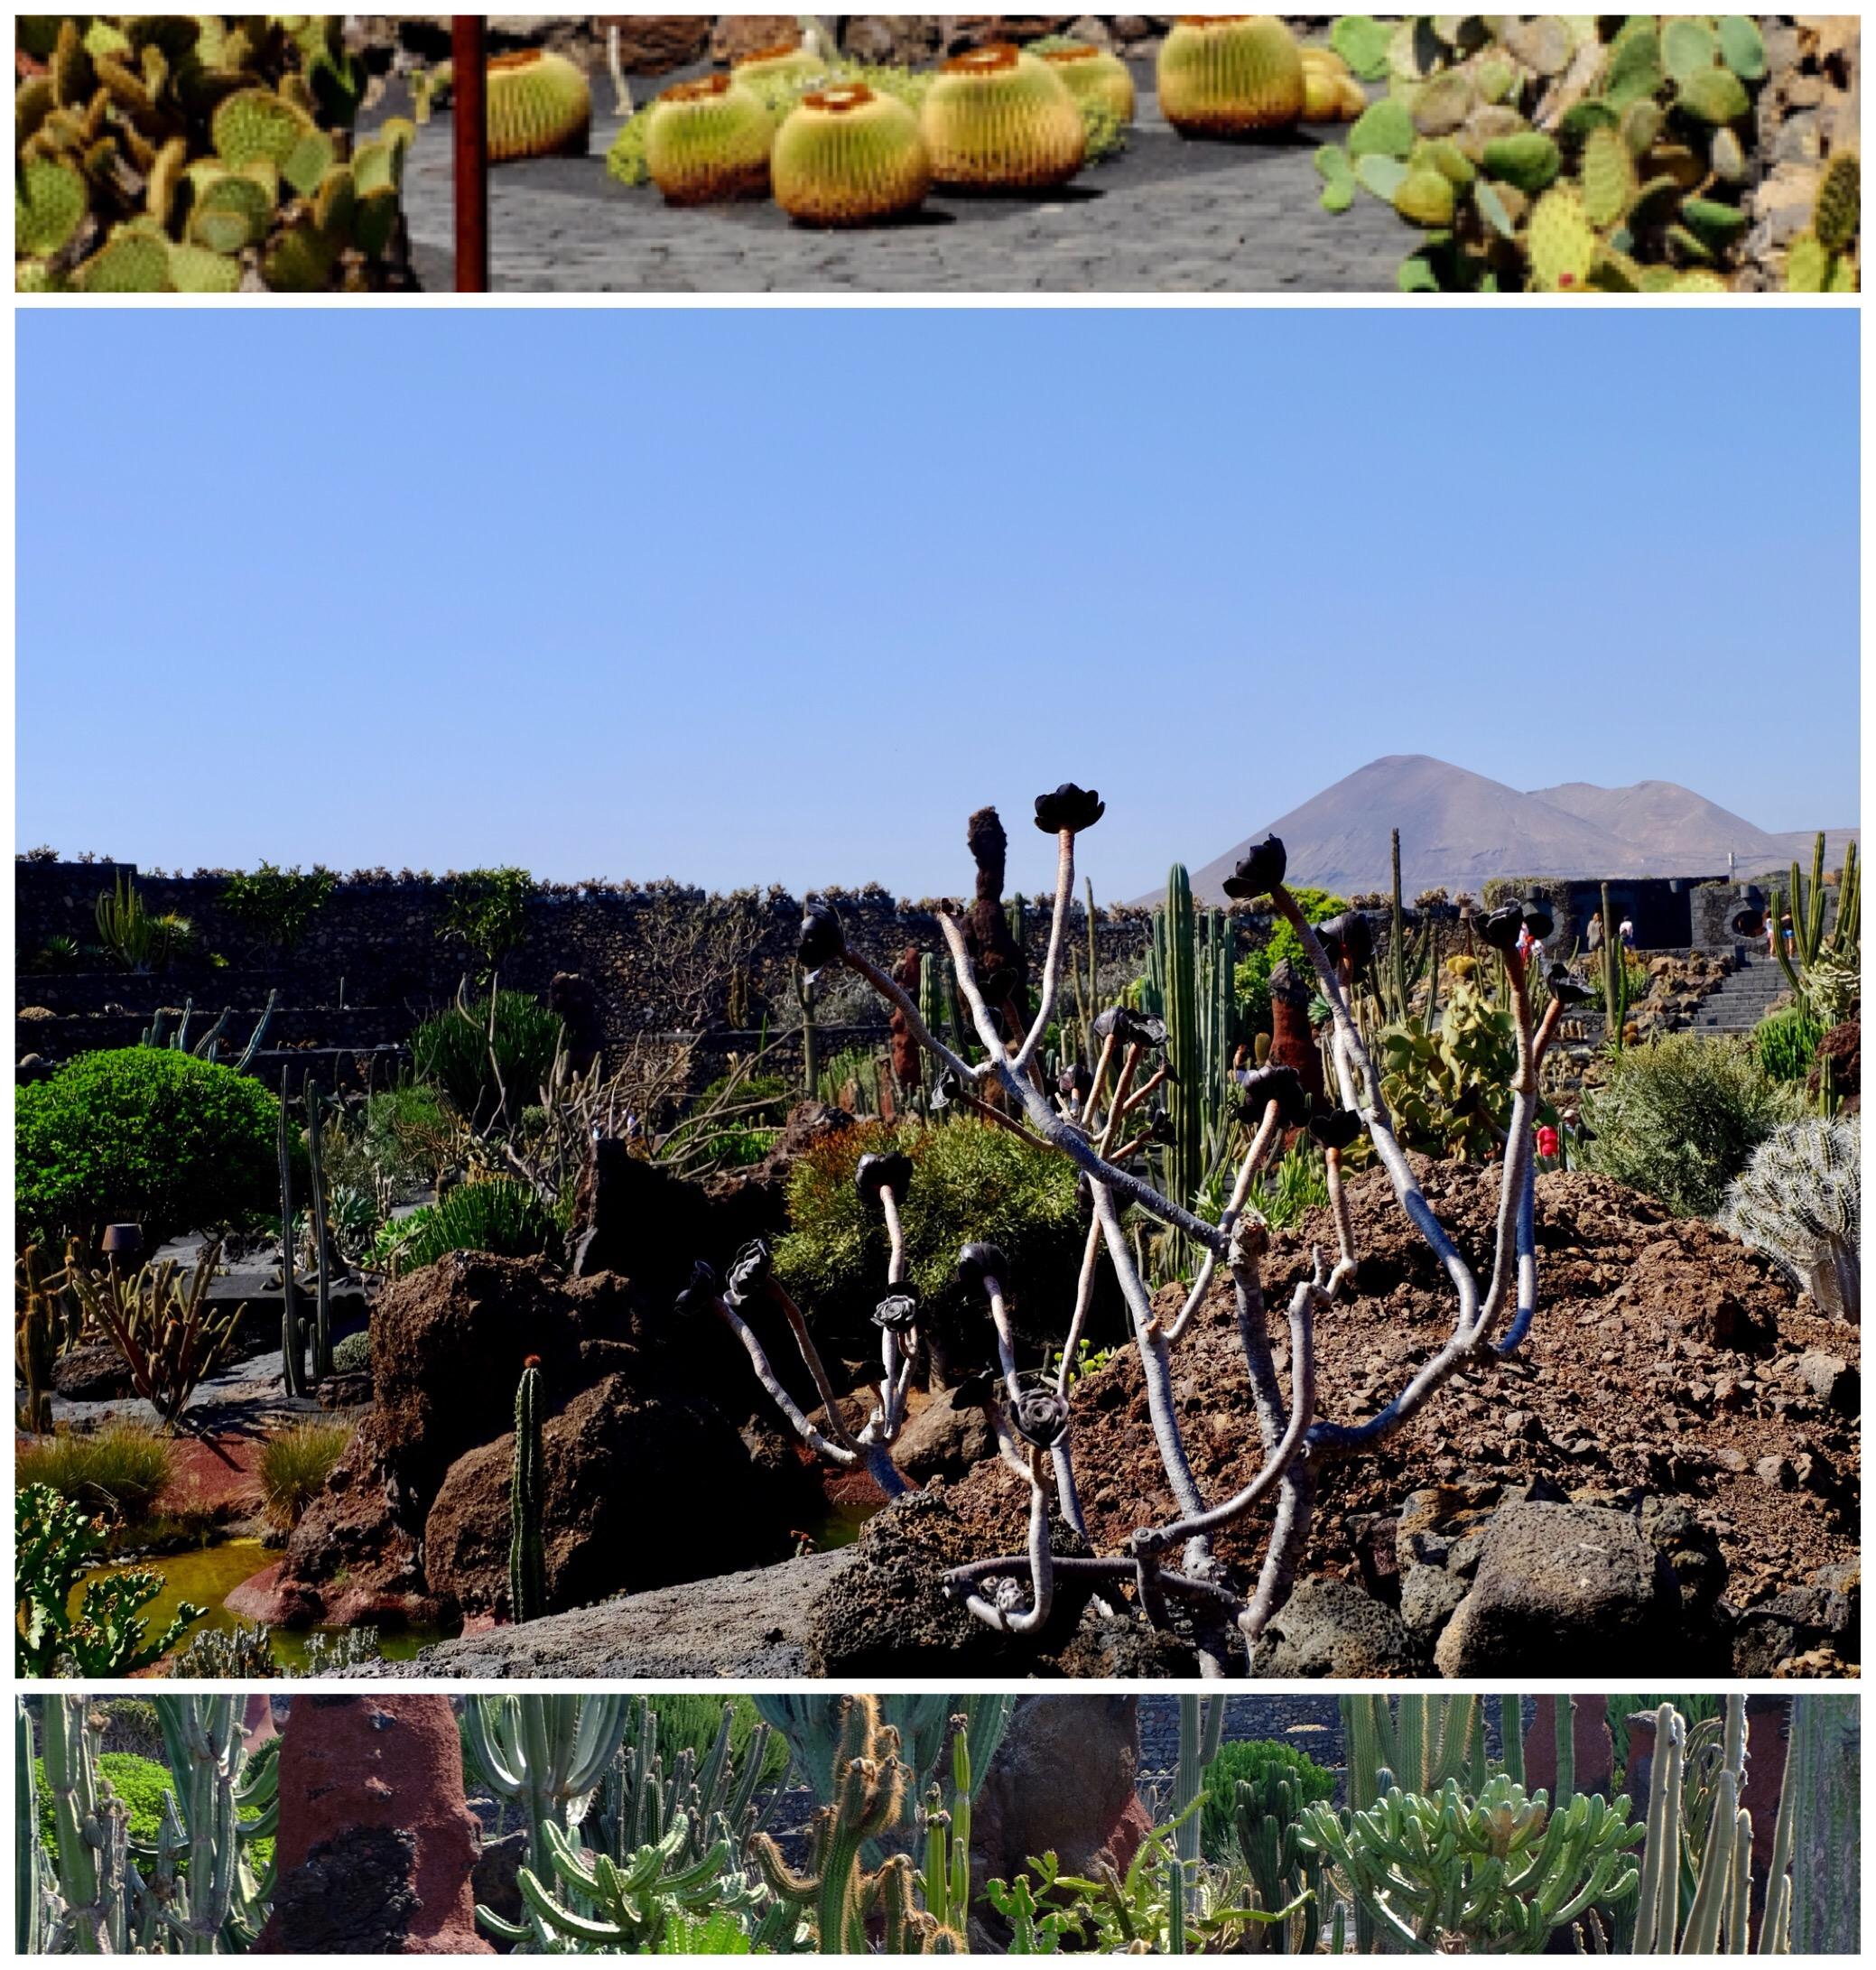 Visit Jardin de Cactus Lanzarote Springhill Stories